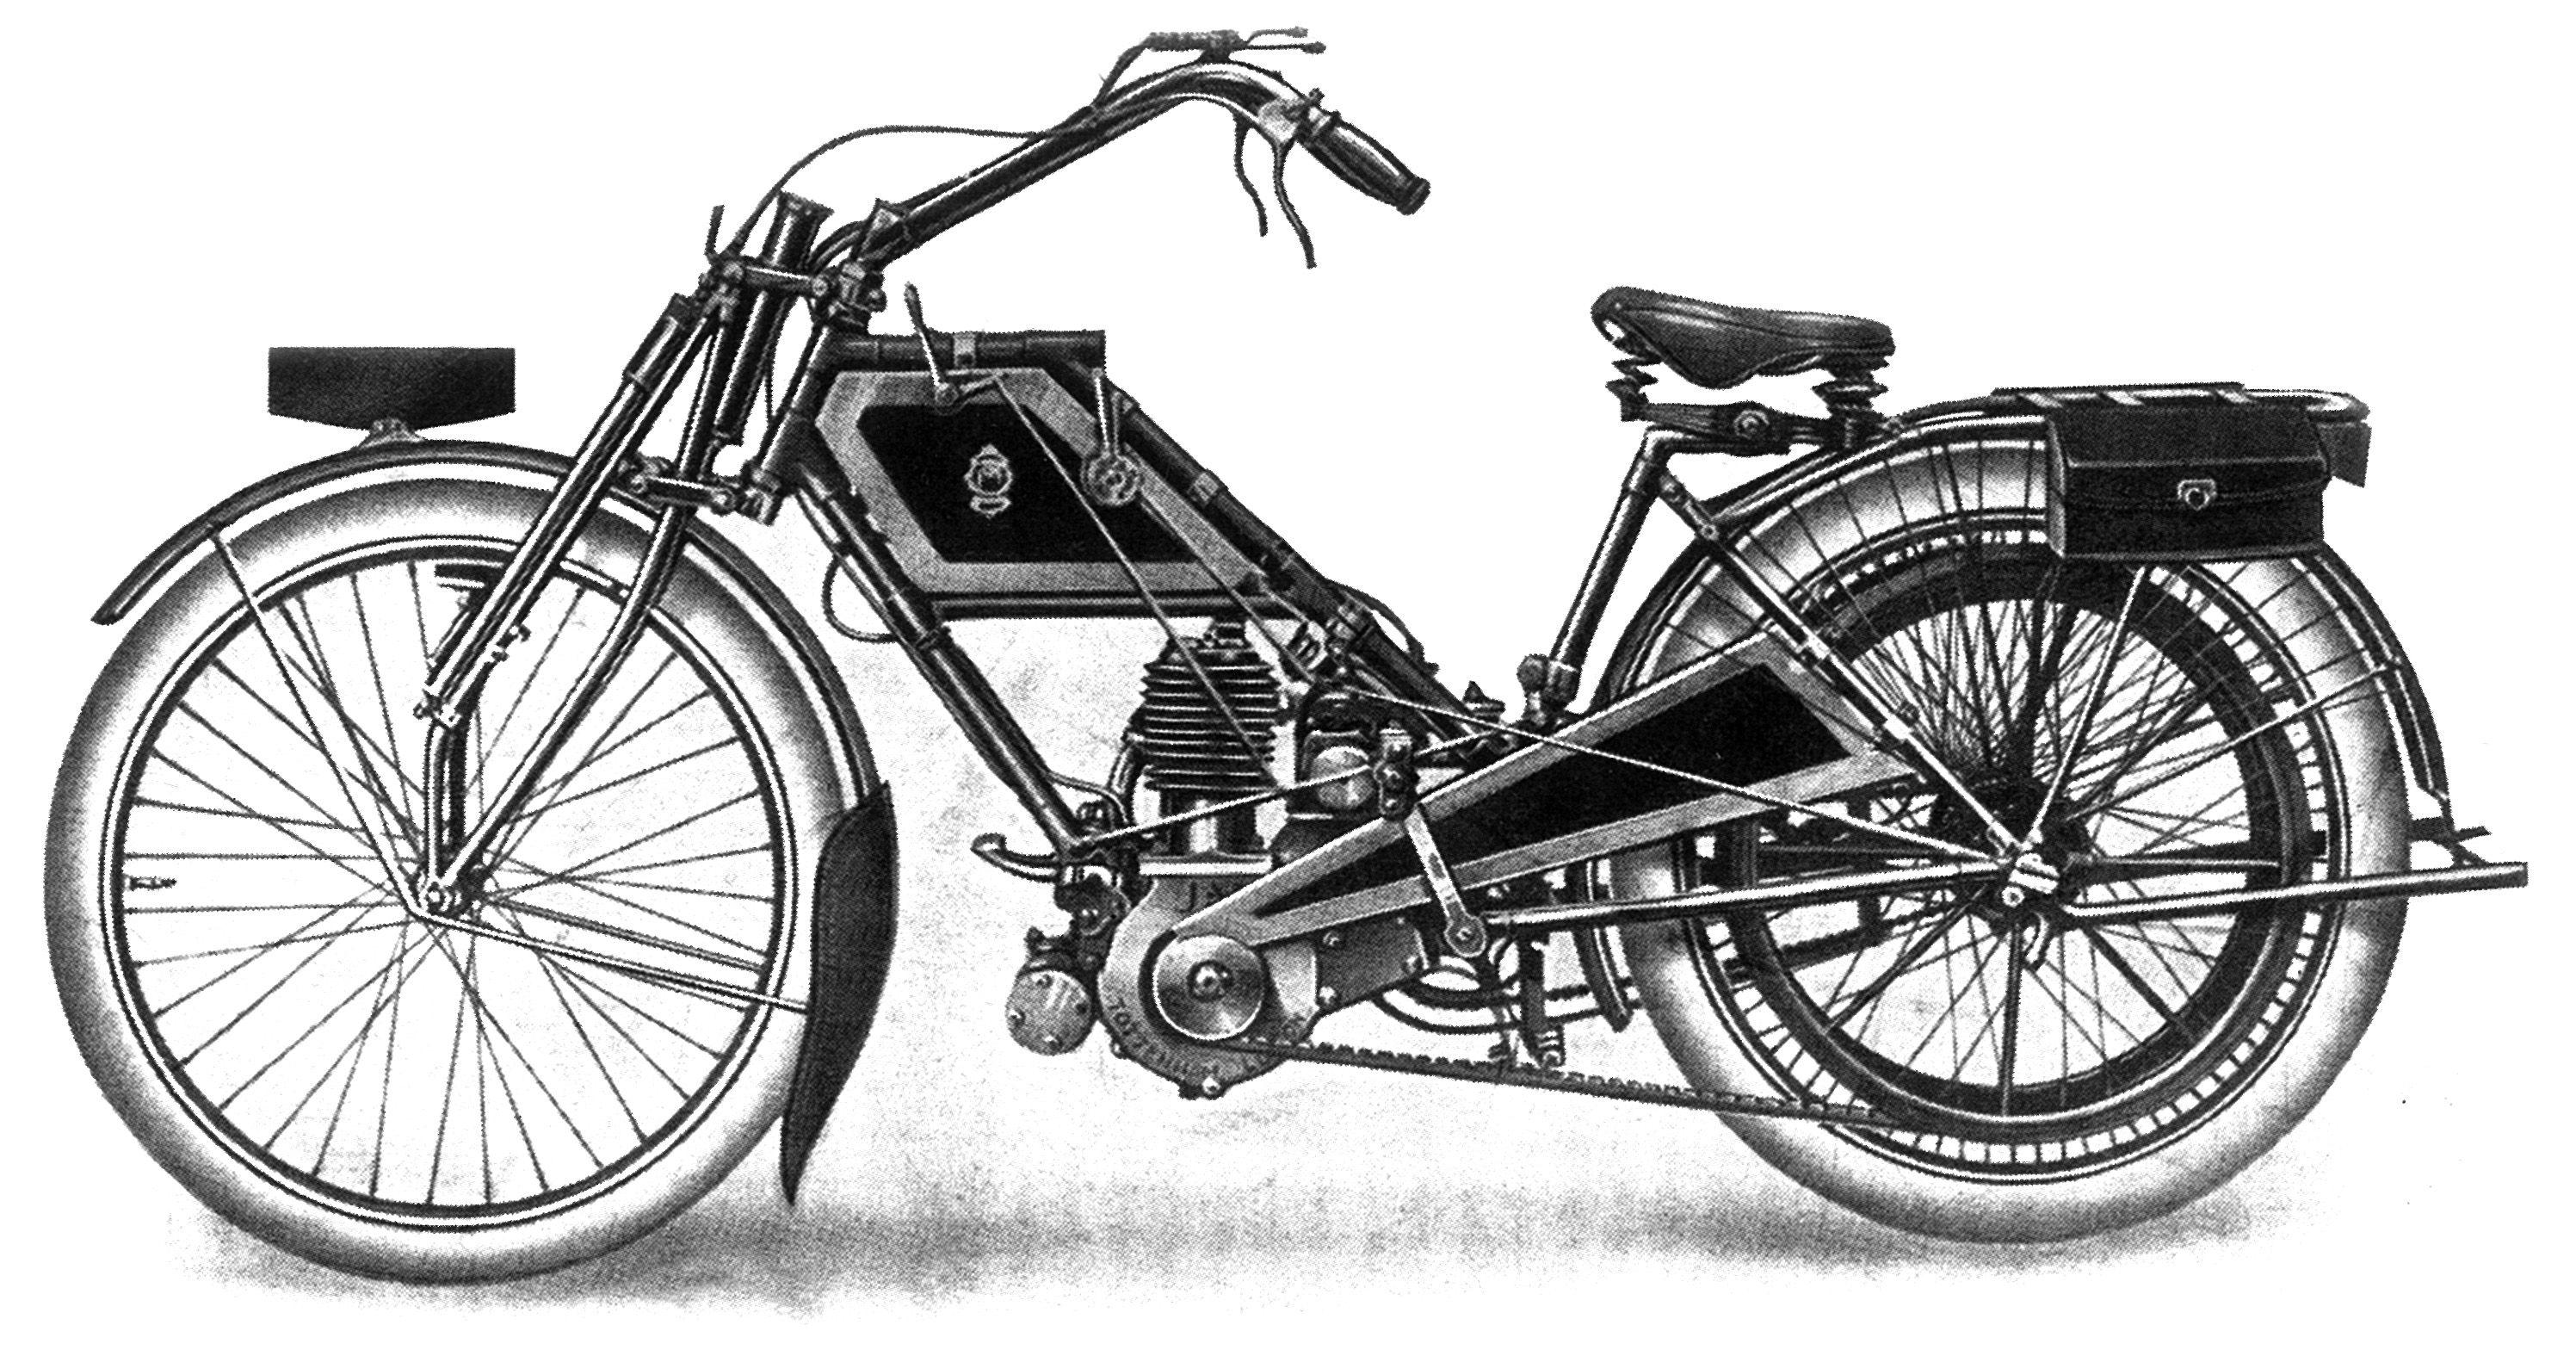 La S Model With Jap Engine